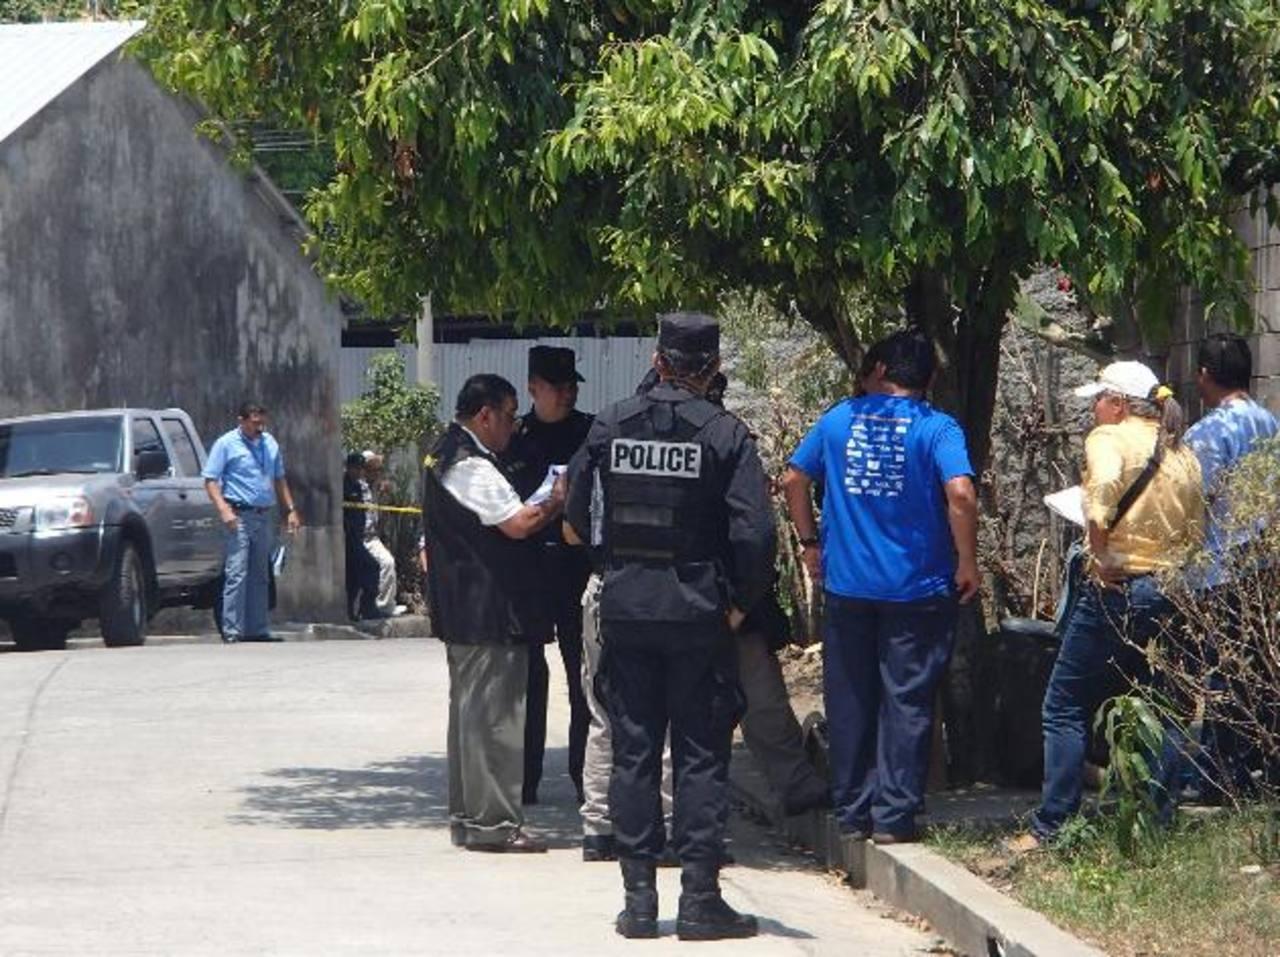 Escena en la que fue asesinada Amanda Elvia García Lima, de 29 años, en la colonia Casa Blanca. Foto EDH / Mario Guevara